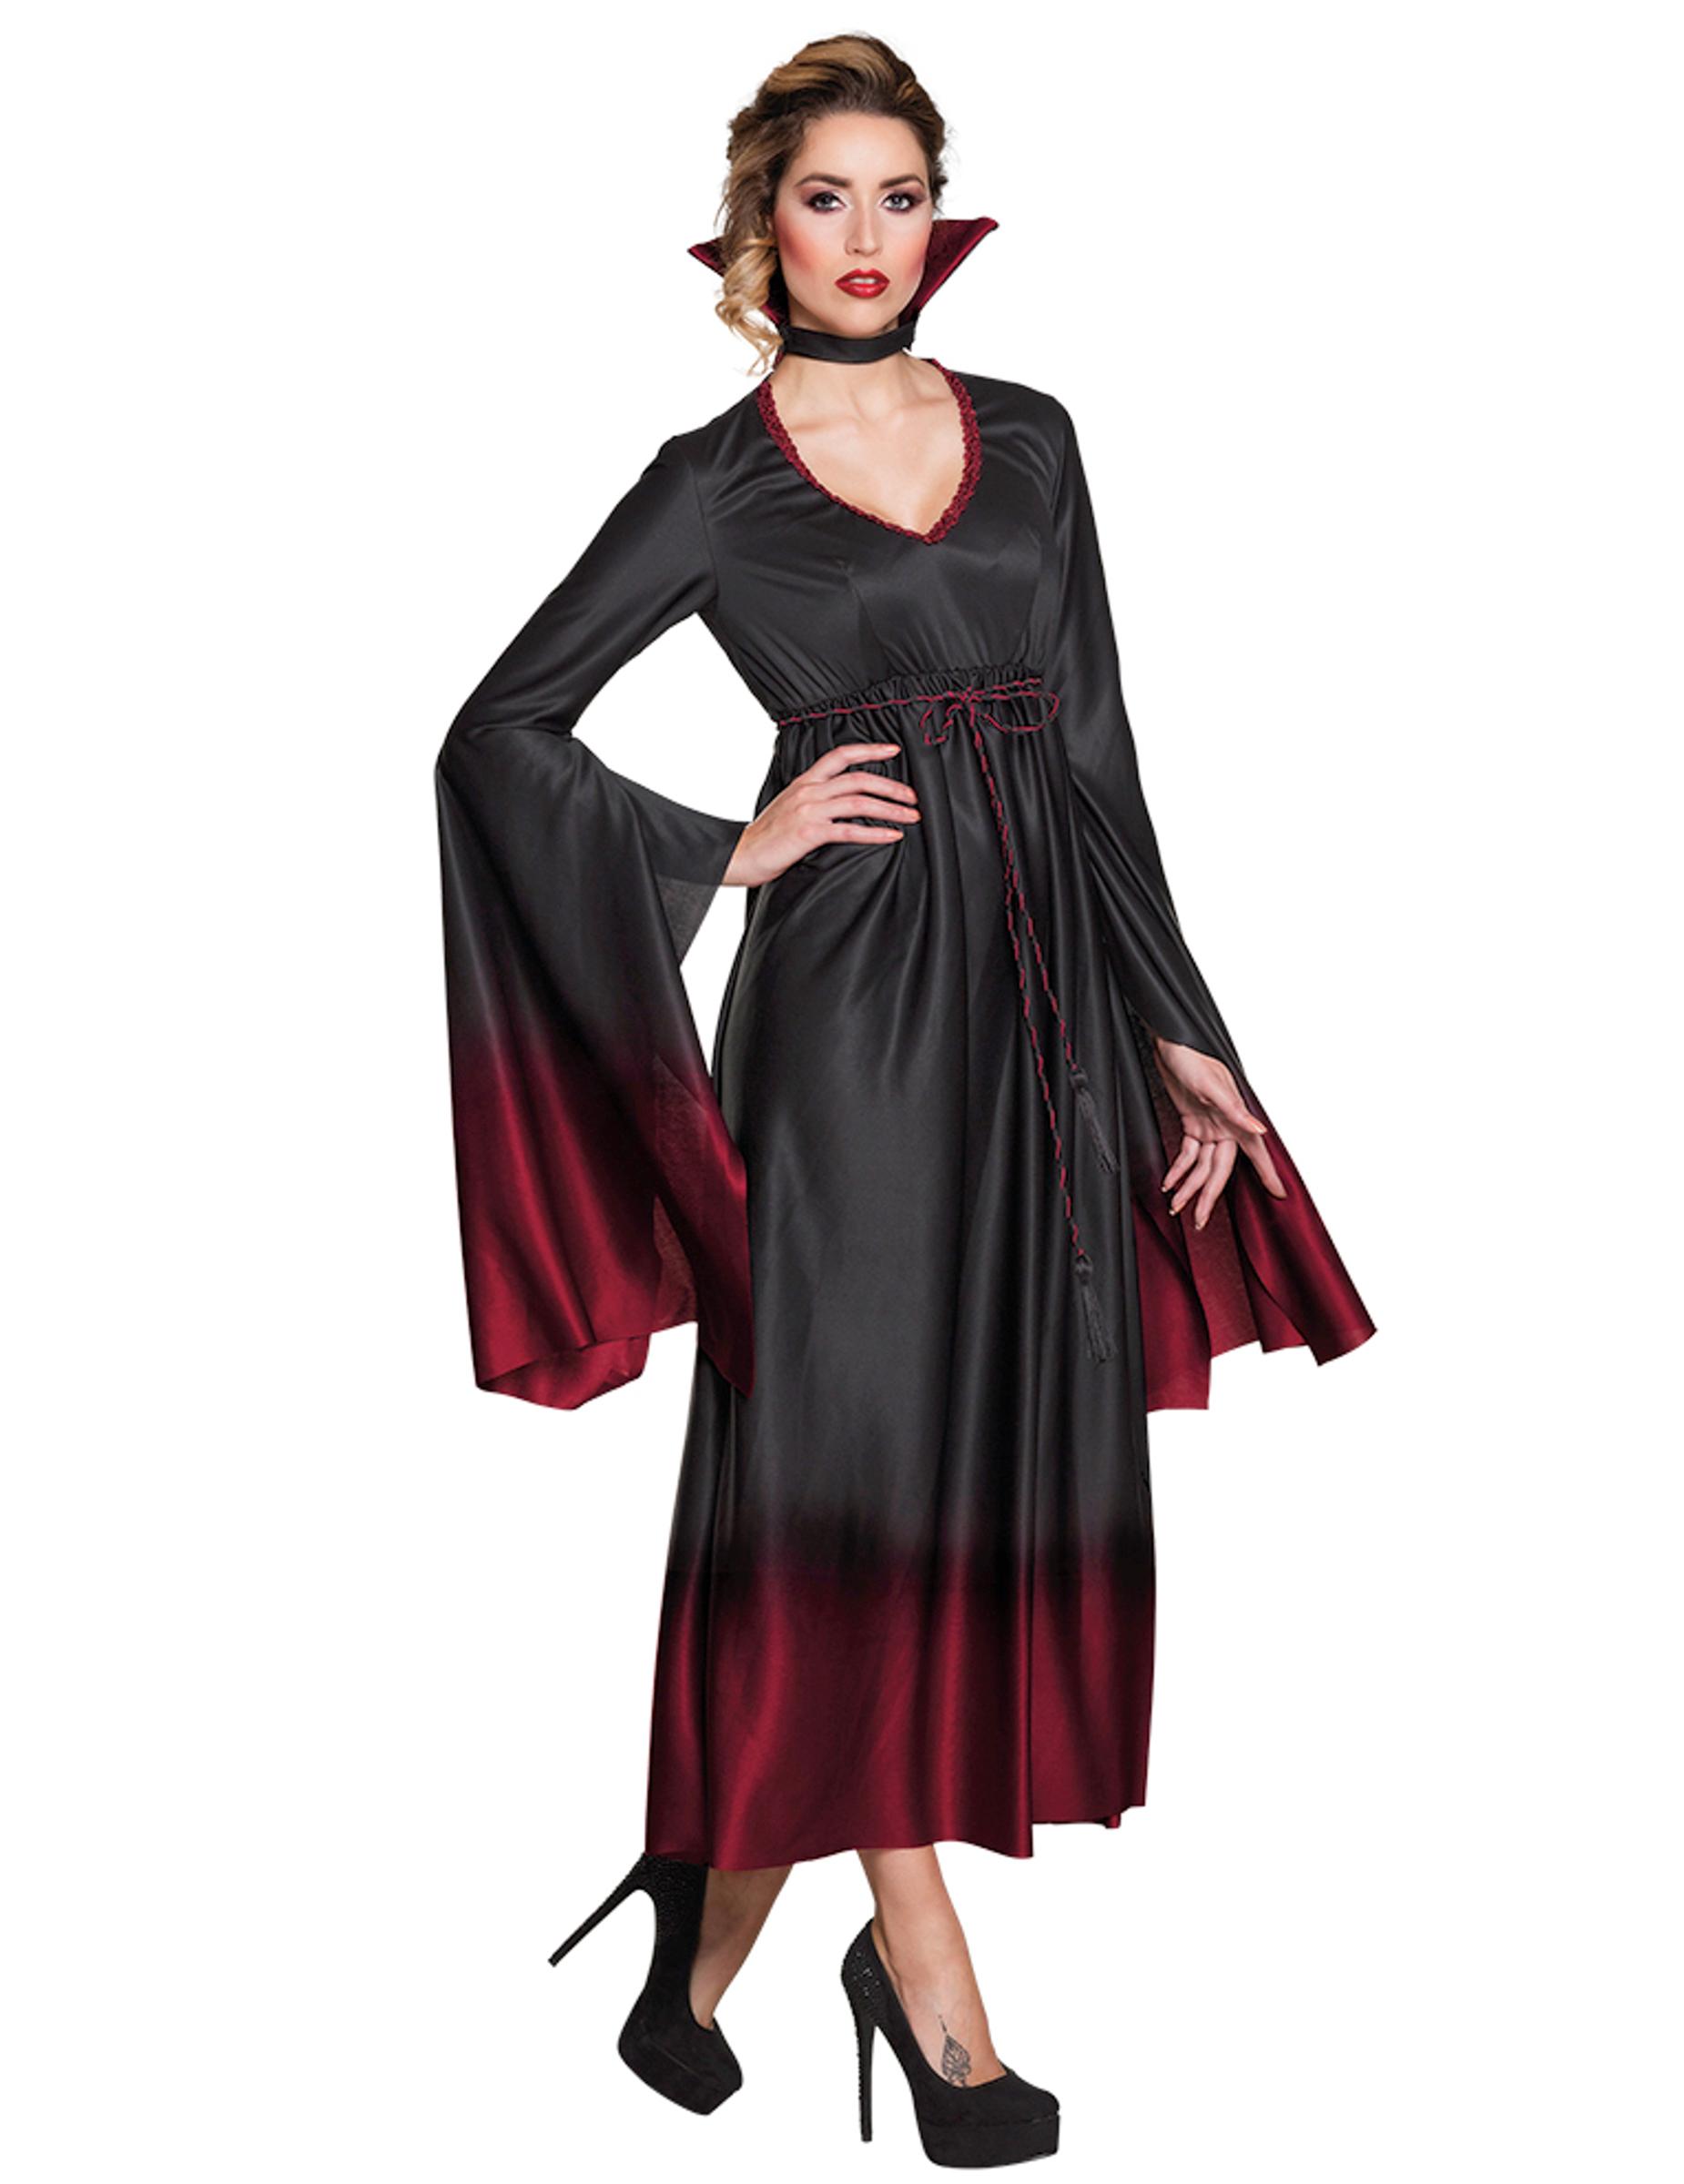 Costume da vampiro nero e rosso sfumato per donna halloween 317df5a980b1